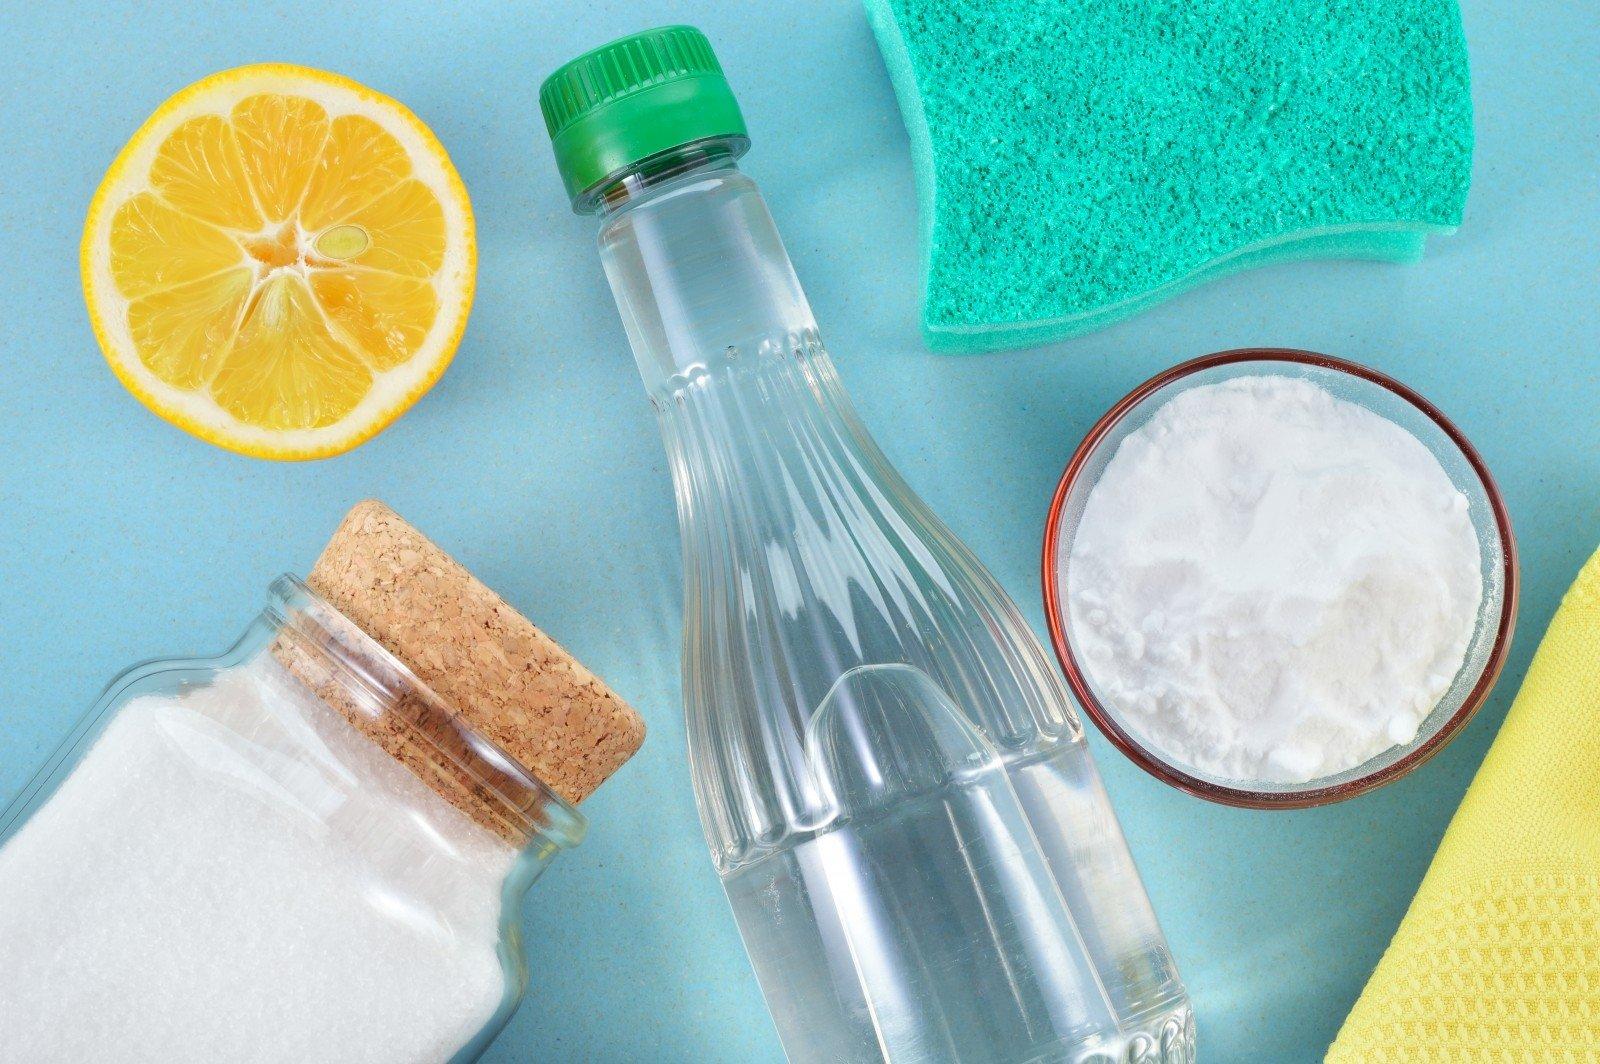 Kaip pašalinti kvapą iš kriauklės virtuvėje: 10 geriausių metodų - Gutter March